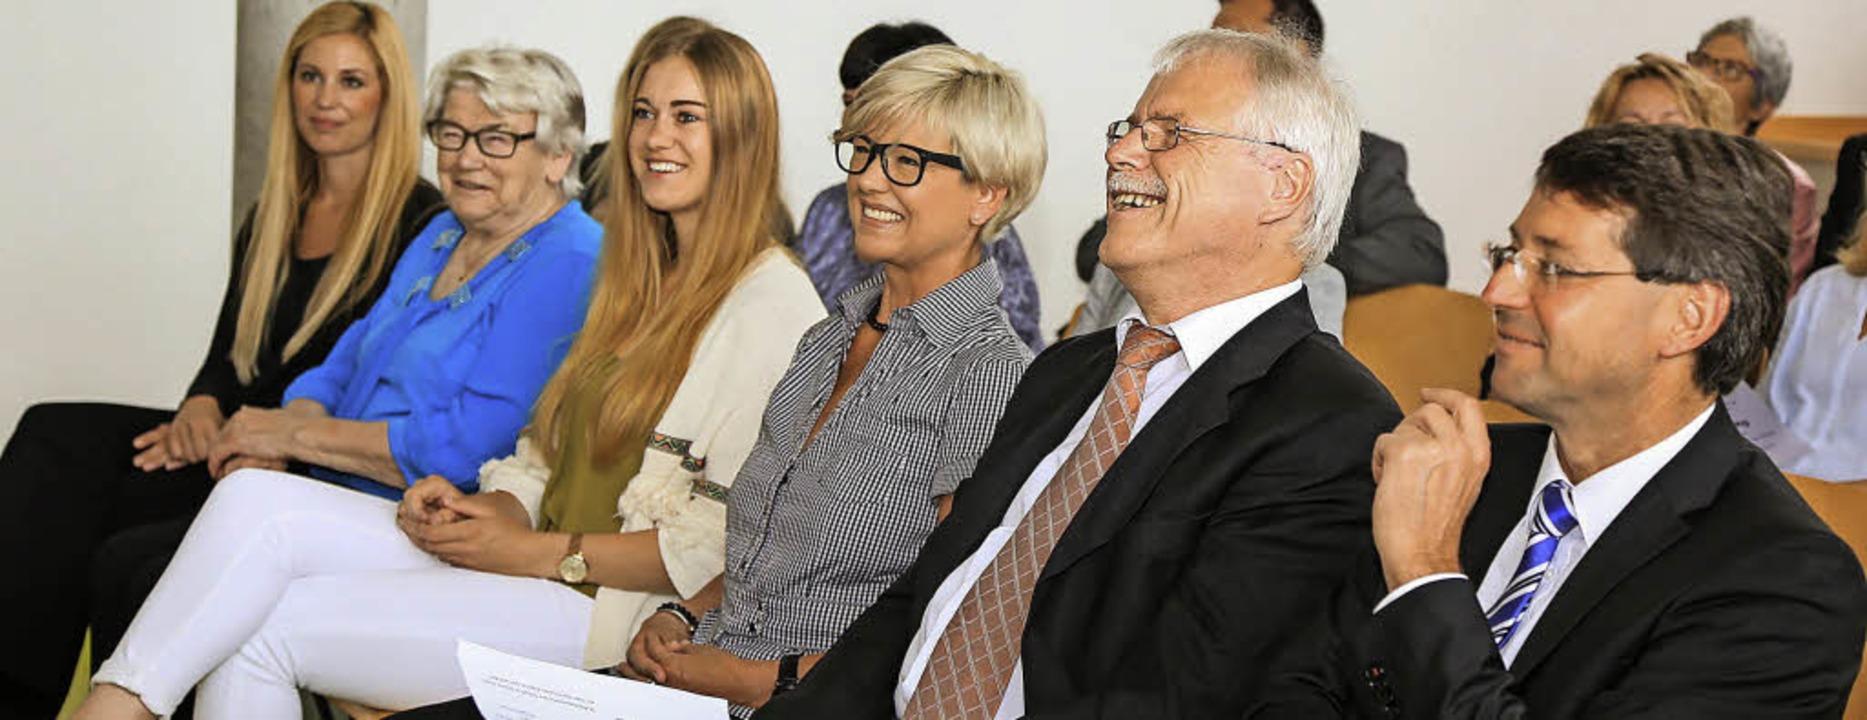 Herzliche Verabschiedung: (von rechts)...azwischen Schwiegermutter Margret Hug.  | Foto: Sandra Decoux-Kone